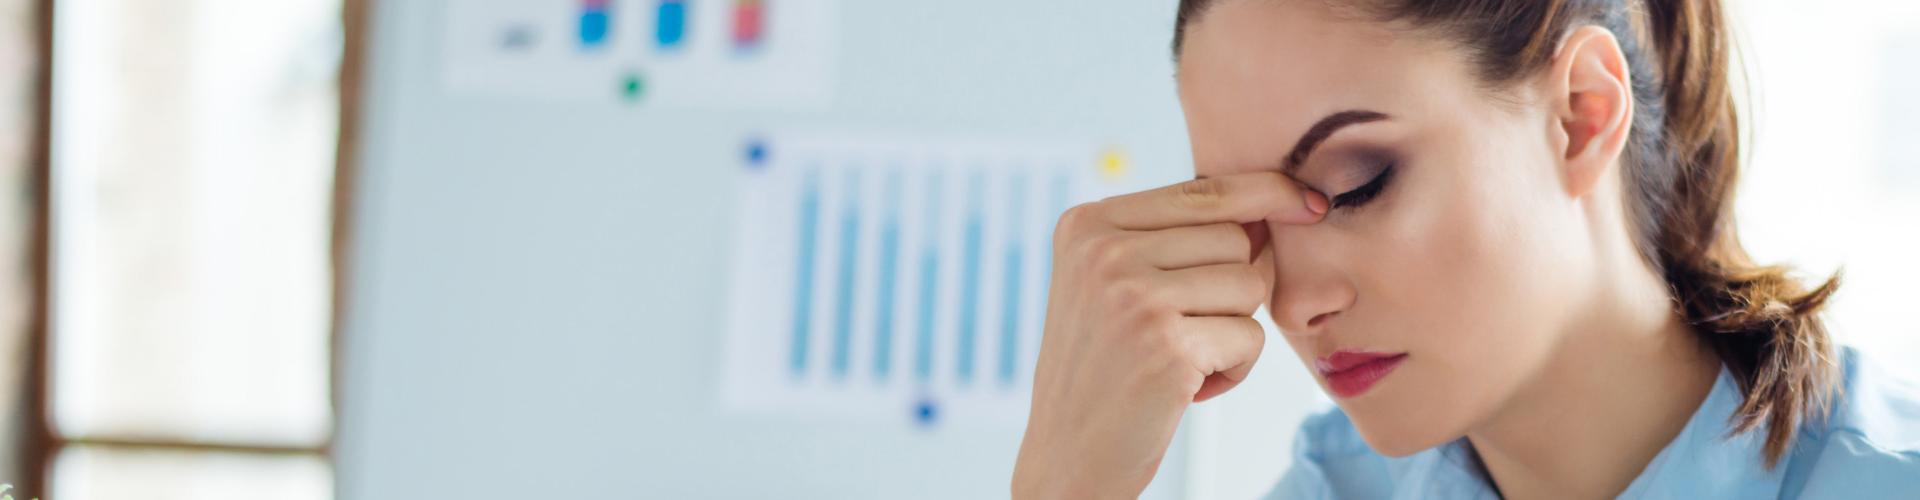 Fatigue visuelle fatigue oculaire numérique